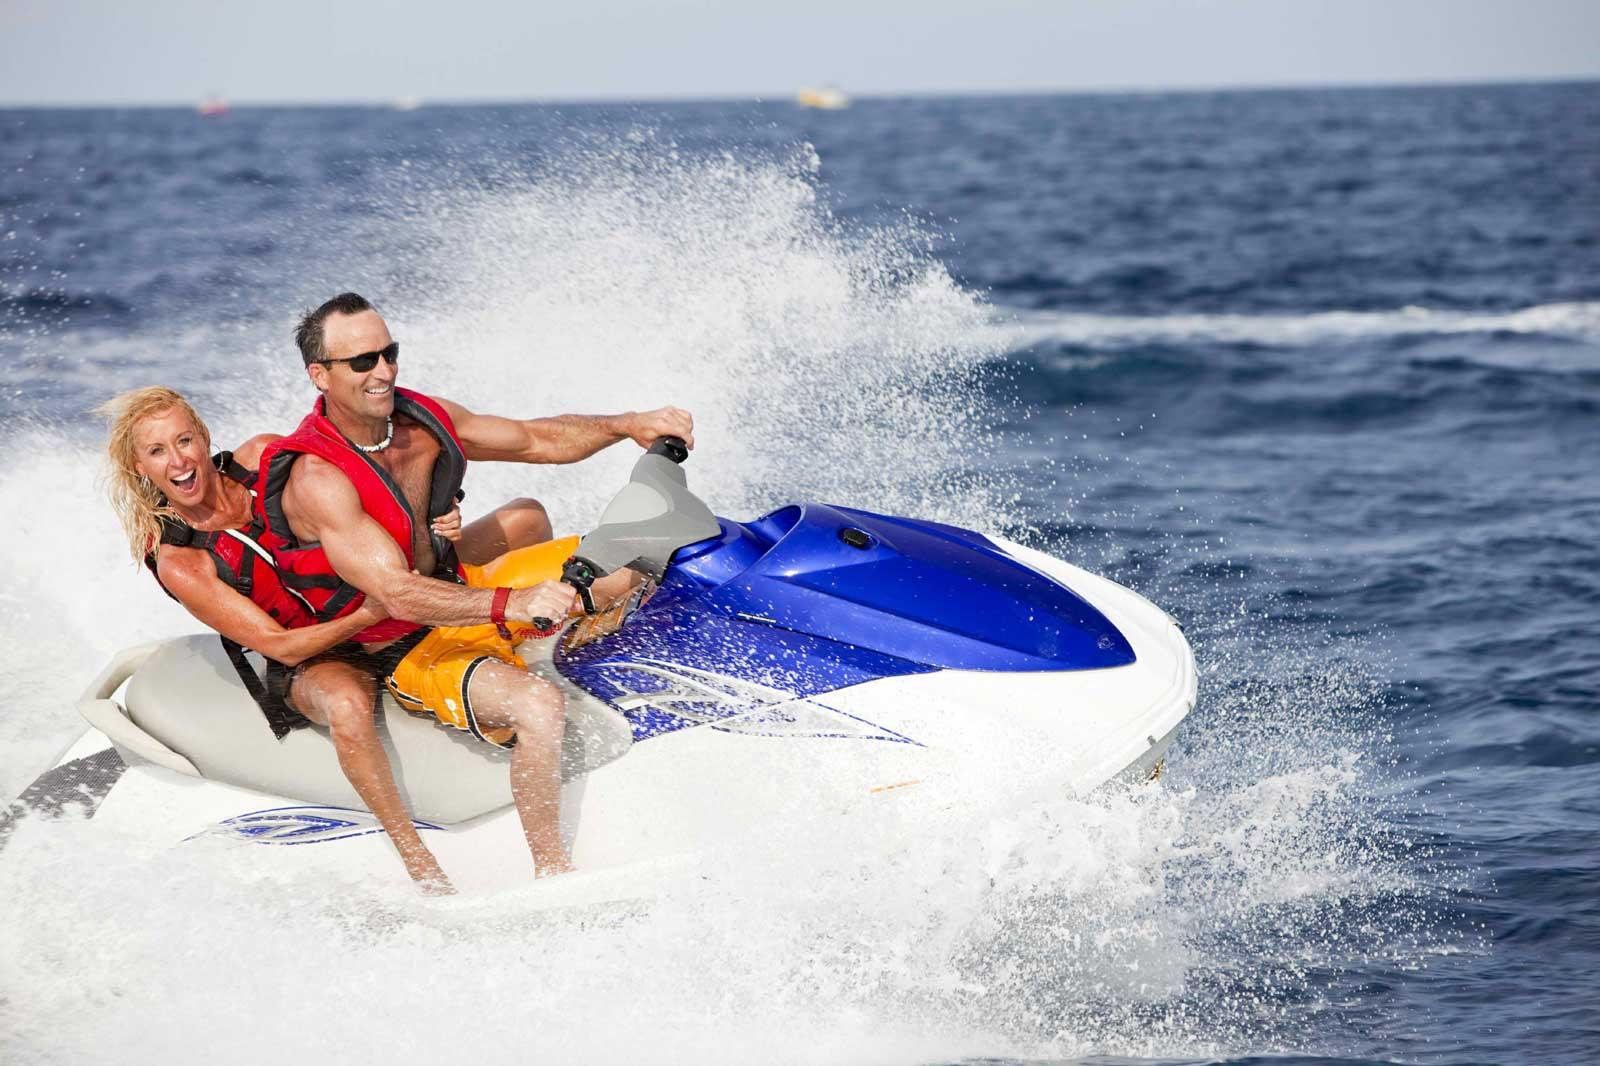 Couple having fun on a jet ski